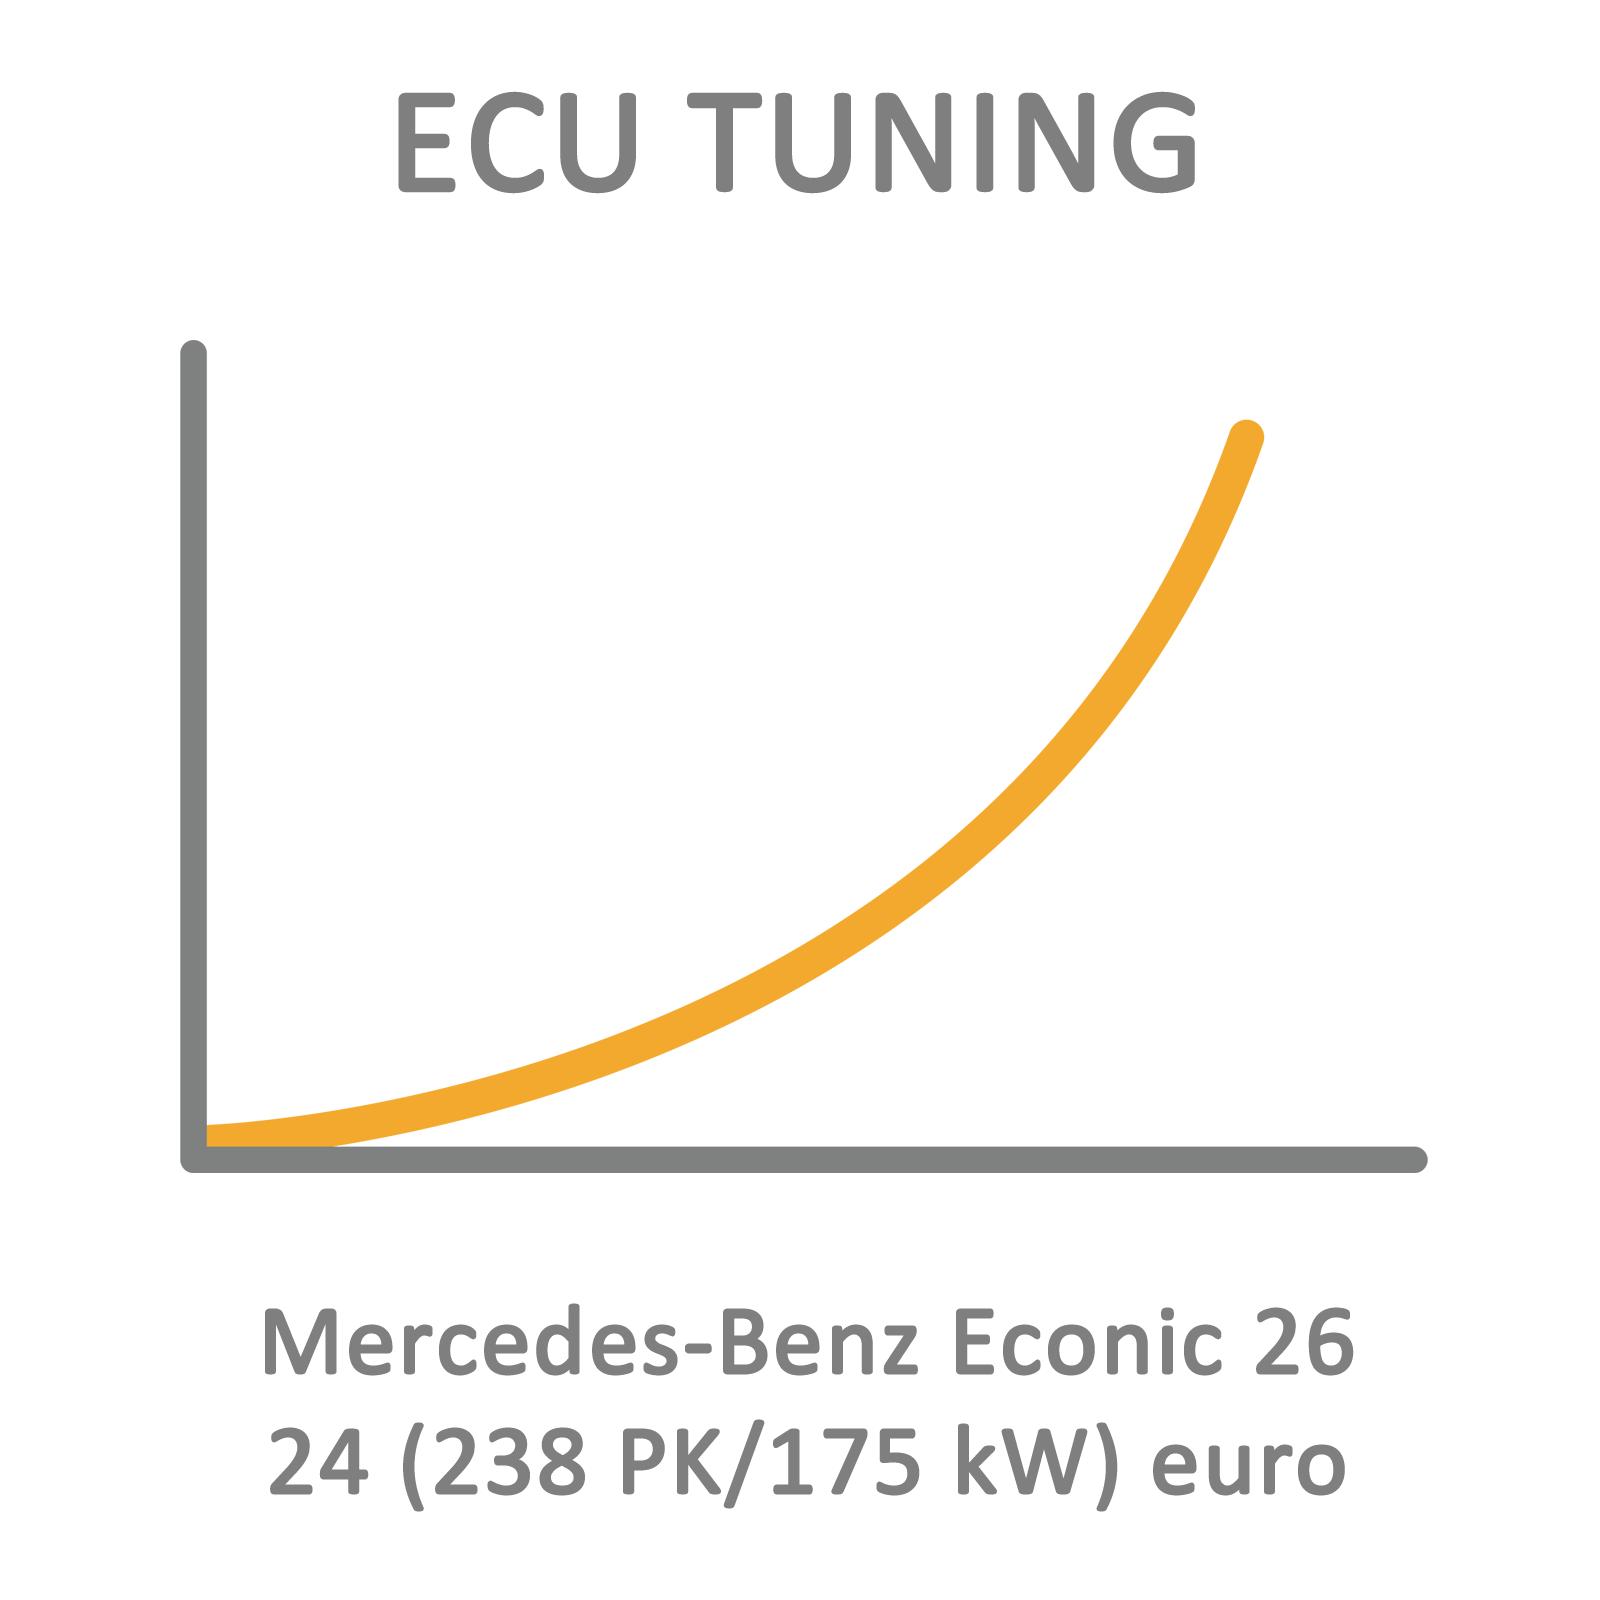 Mercedes-Benz Econic 26 24 (238 PK/175 kW) euro 4+5 ECU